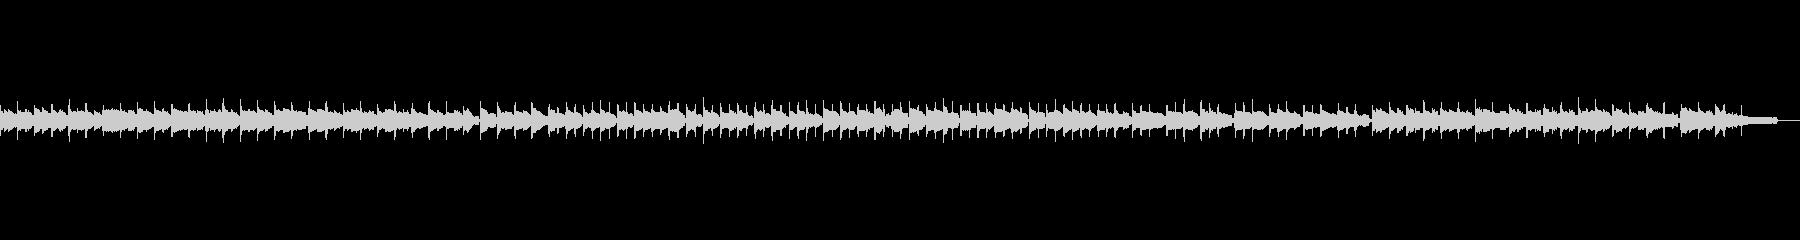 かわいいオルゴール風のBGMの未再生の波形